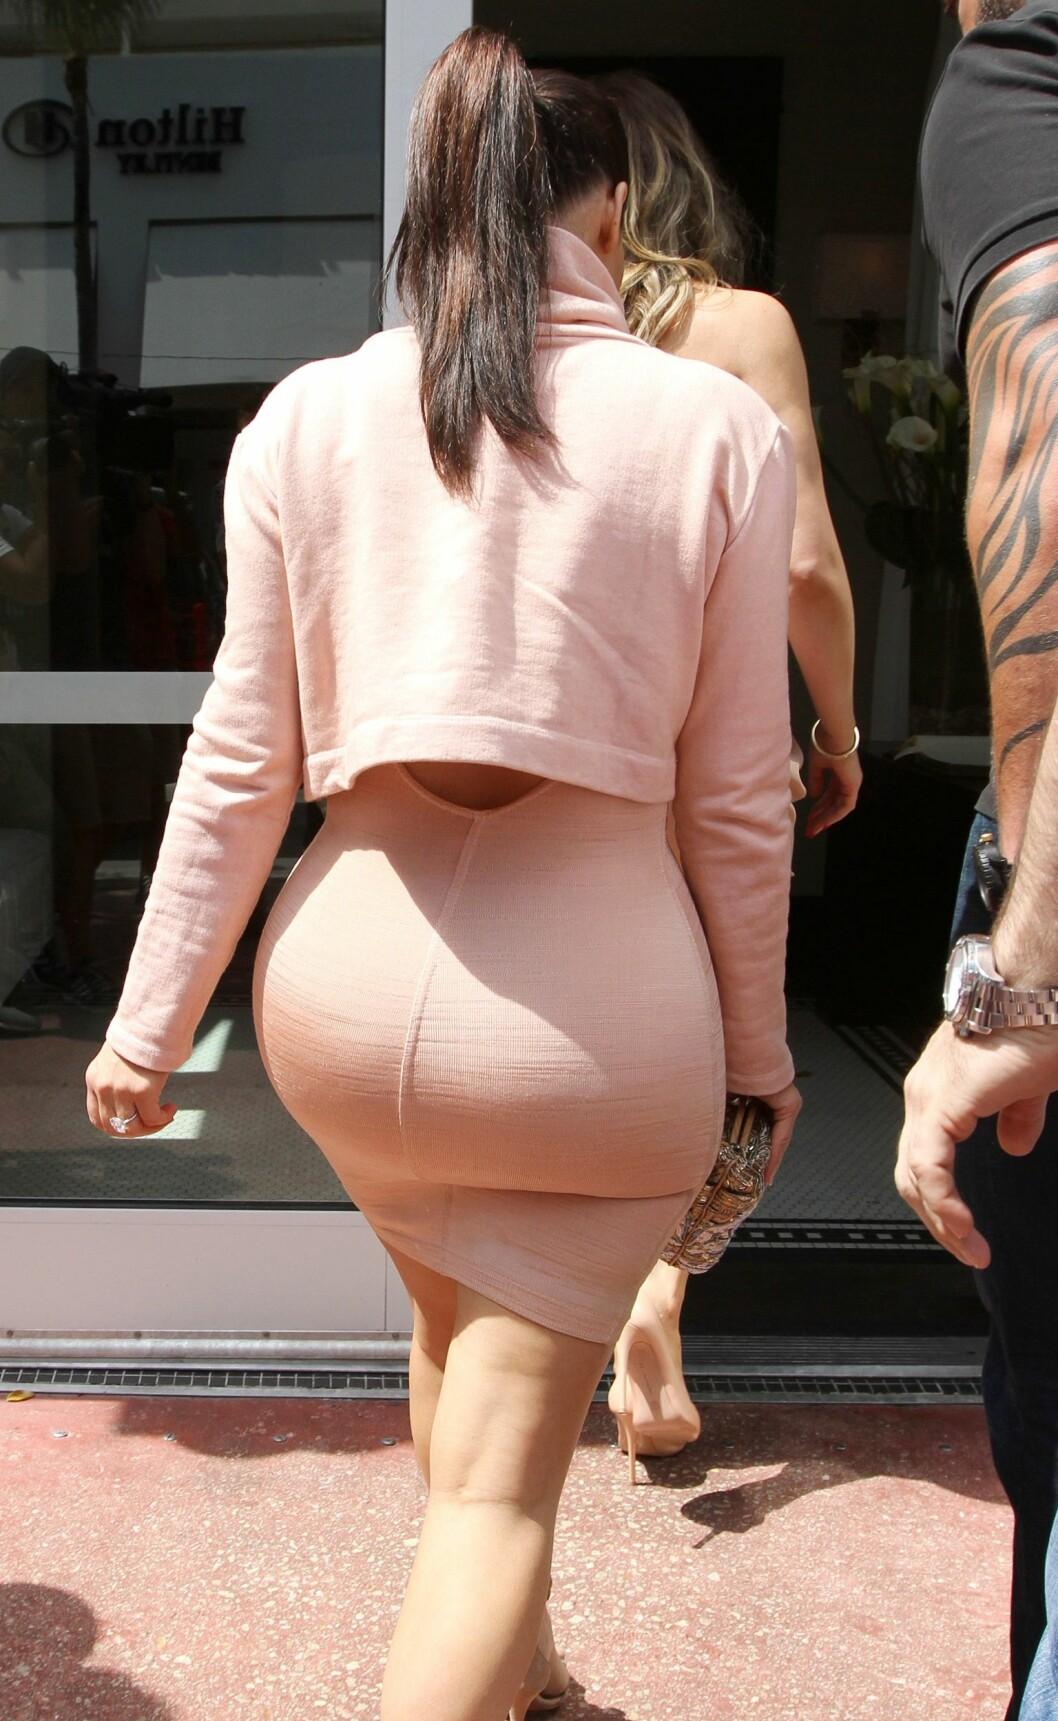 BERØMT BAK: Kim kardashians generøse stump vekket oppsikt i Miami onsdag ettermiddag. Realitystjernen var iført en åletrang pudderrosa kjole og matchende magetopp som viste frem hennes berømte figur.  Foto: REX/Broadimage/All Over Press